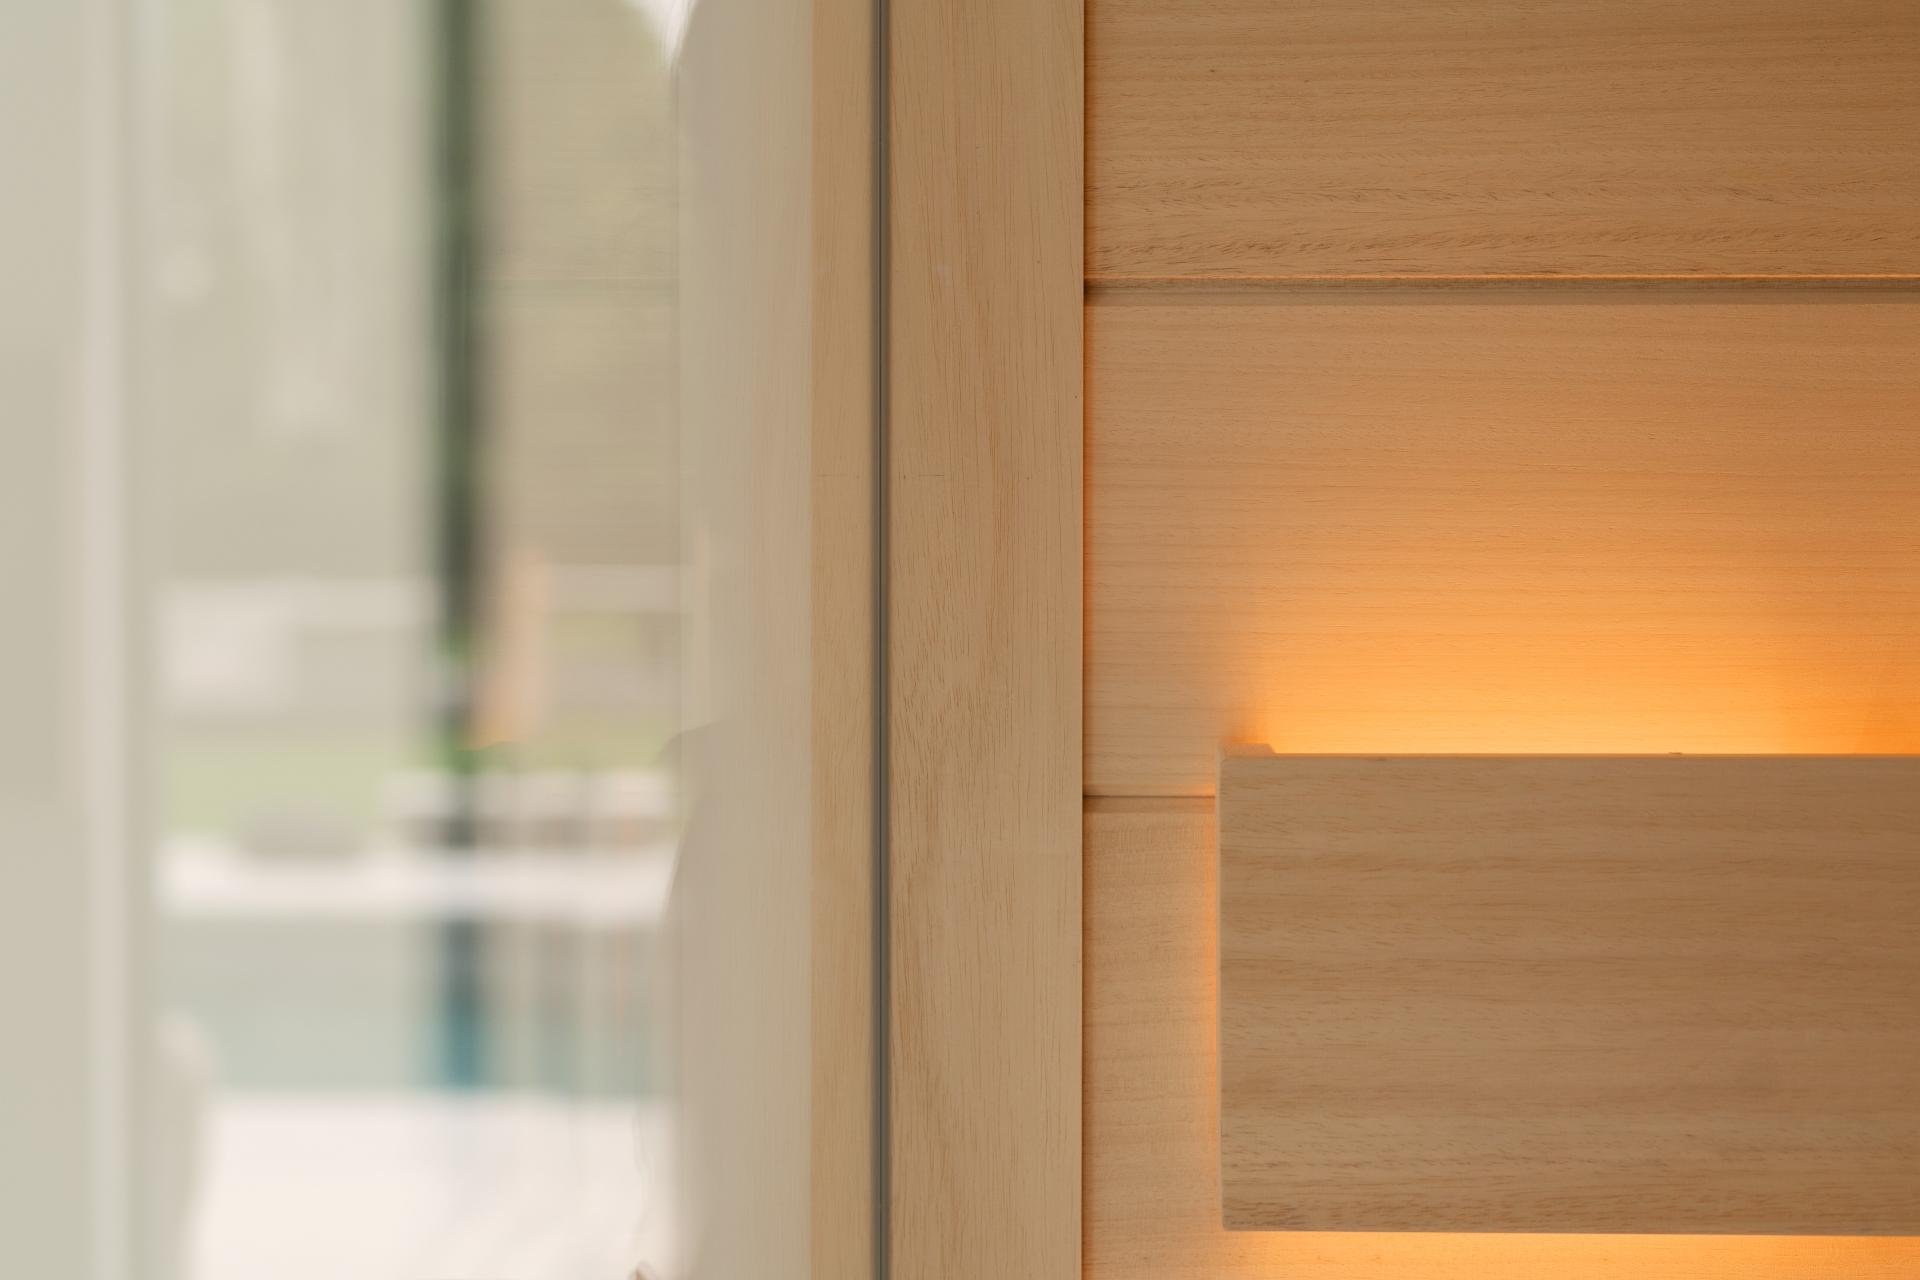 Maatwerk sauna met lichtstrip achter hoofdsteun